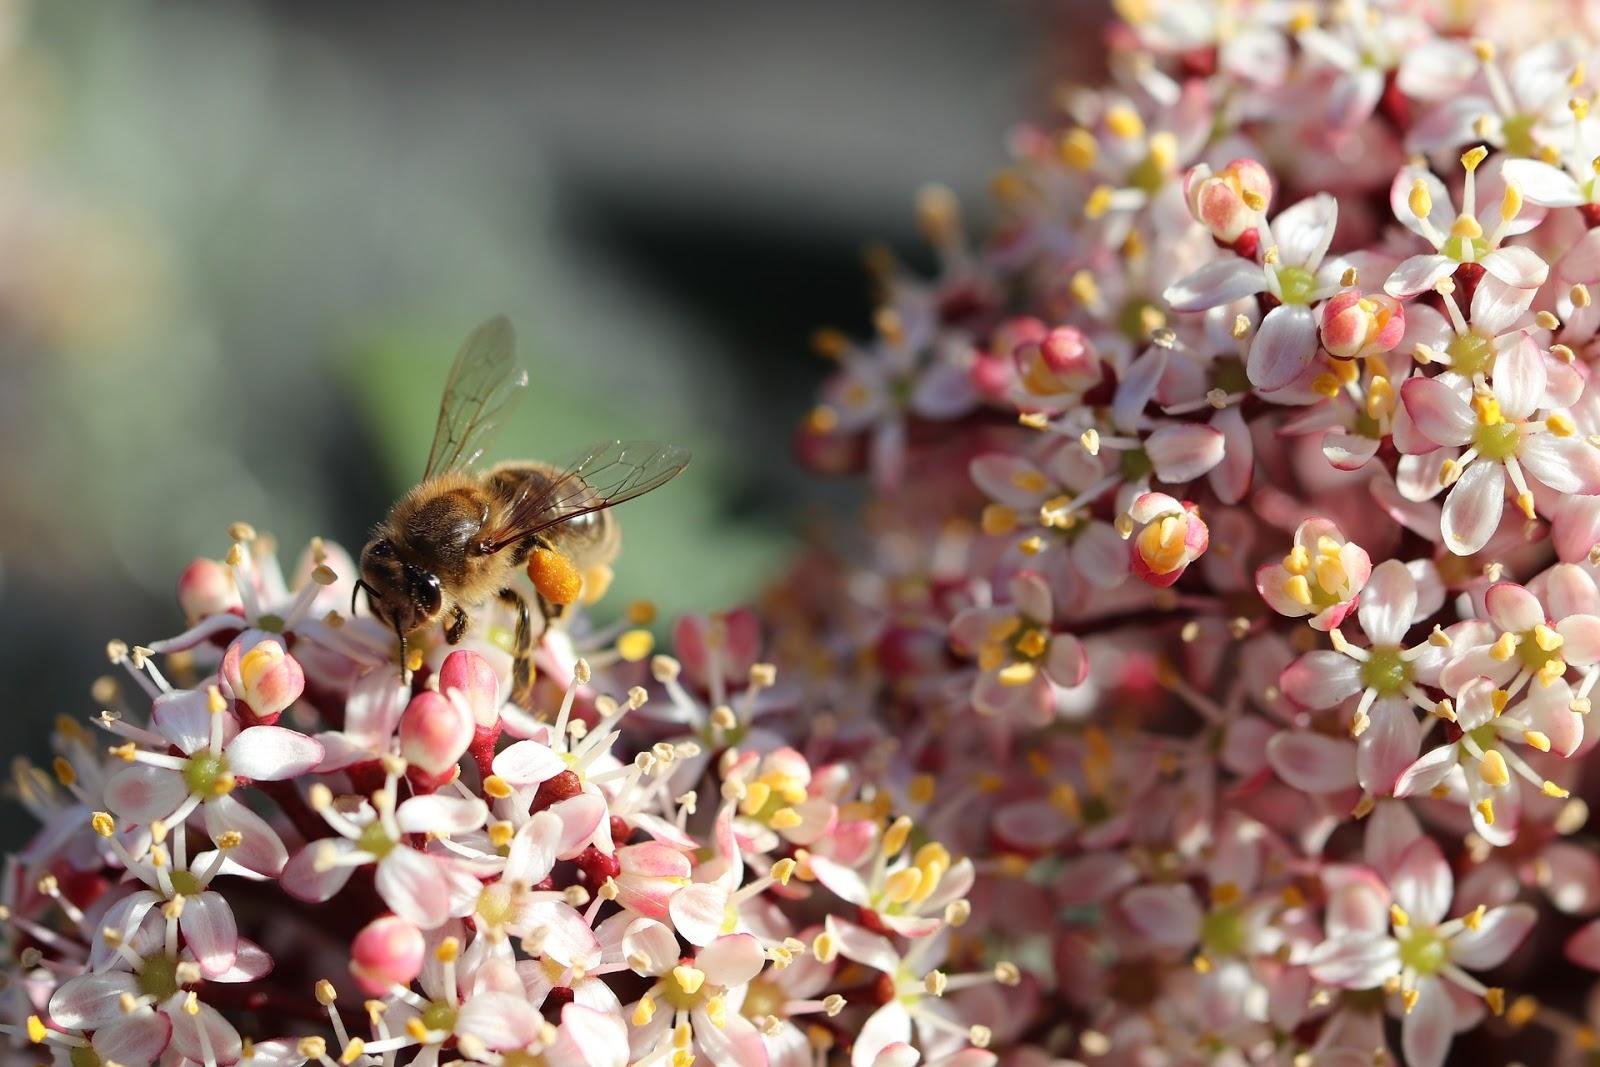 comment-aider-les-abeilles-a-notre-echelle